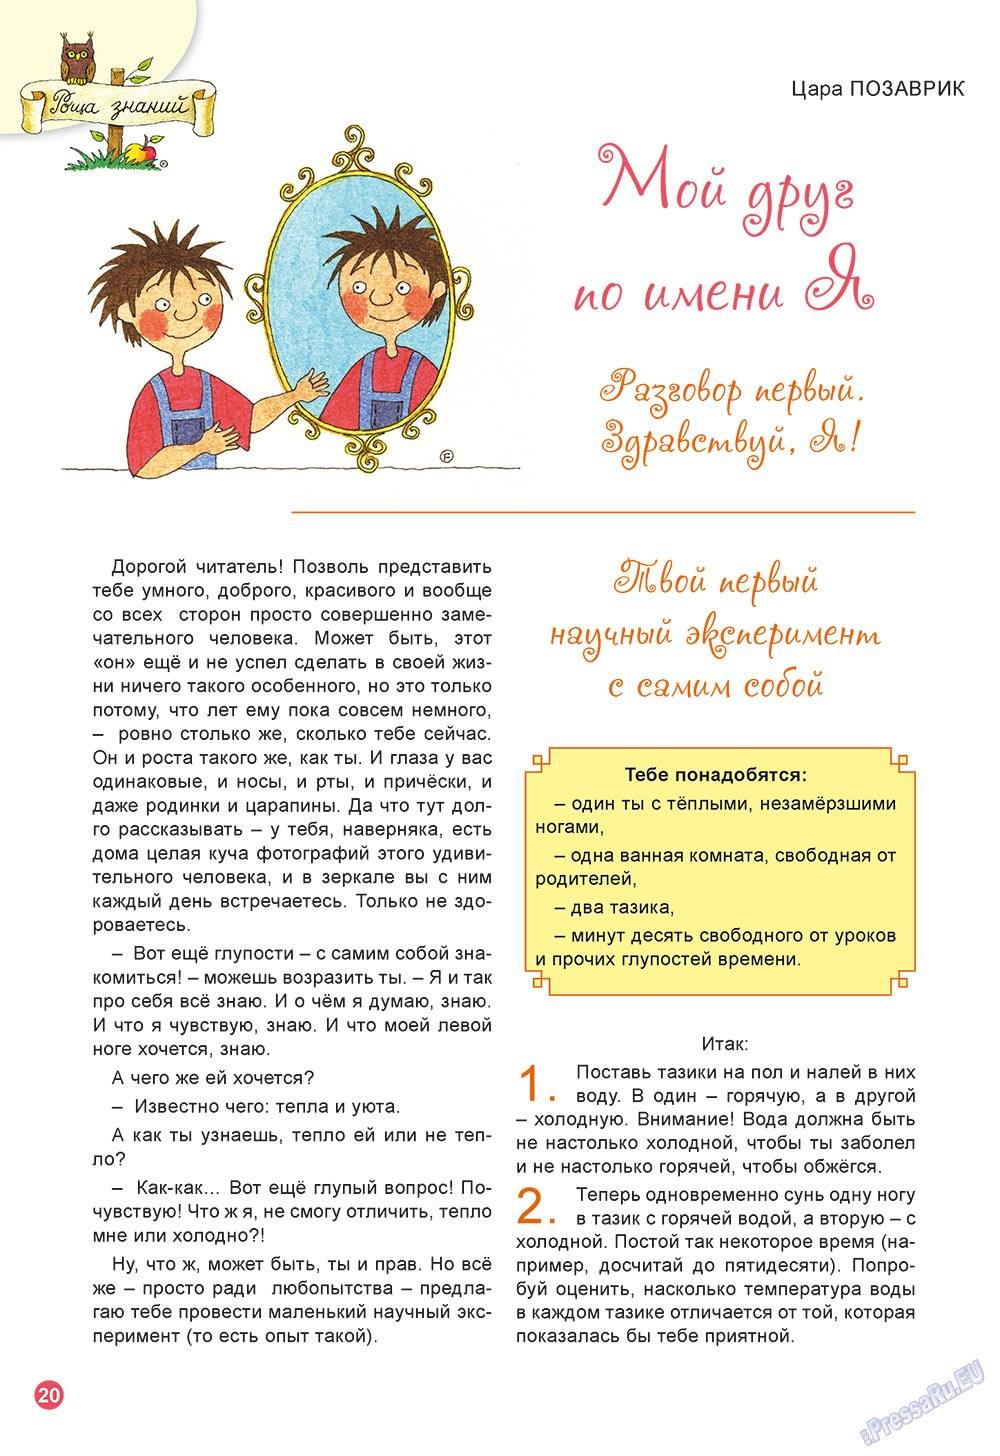 Остров там и тут (журнал). 2009 год, номер 4, стр. 20